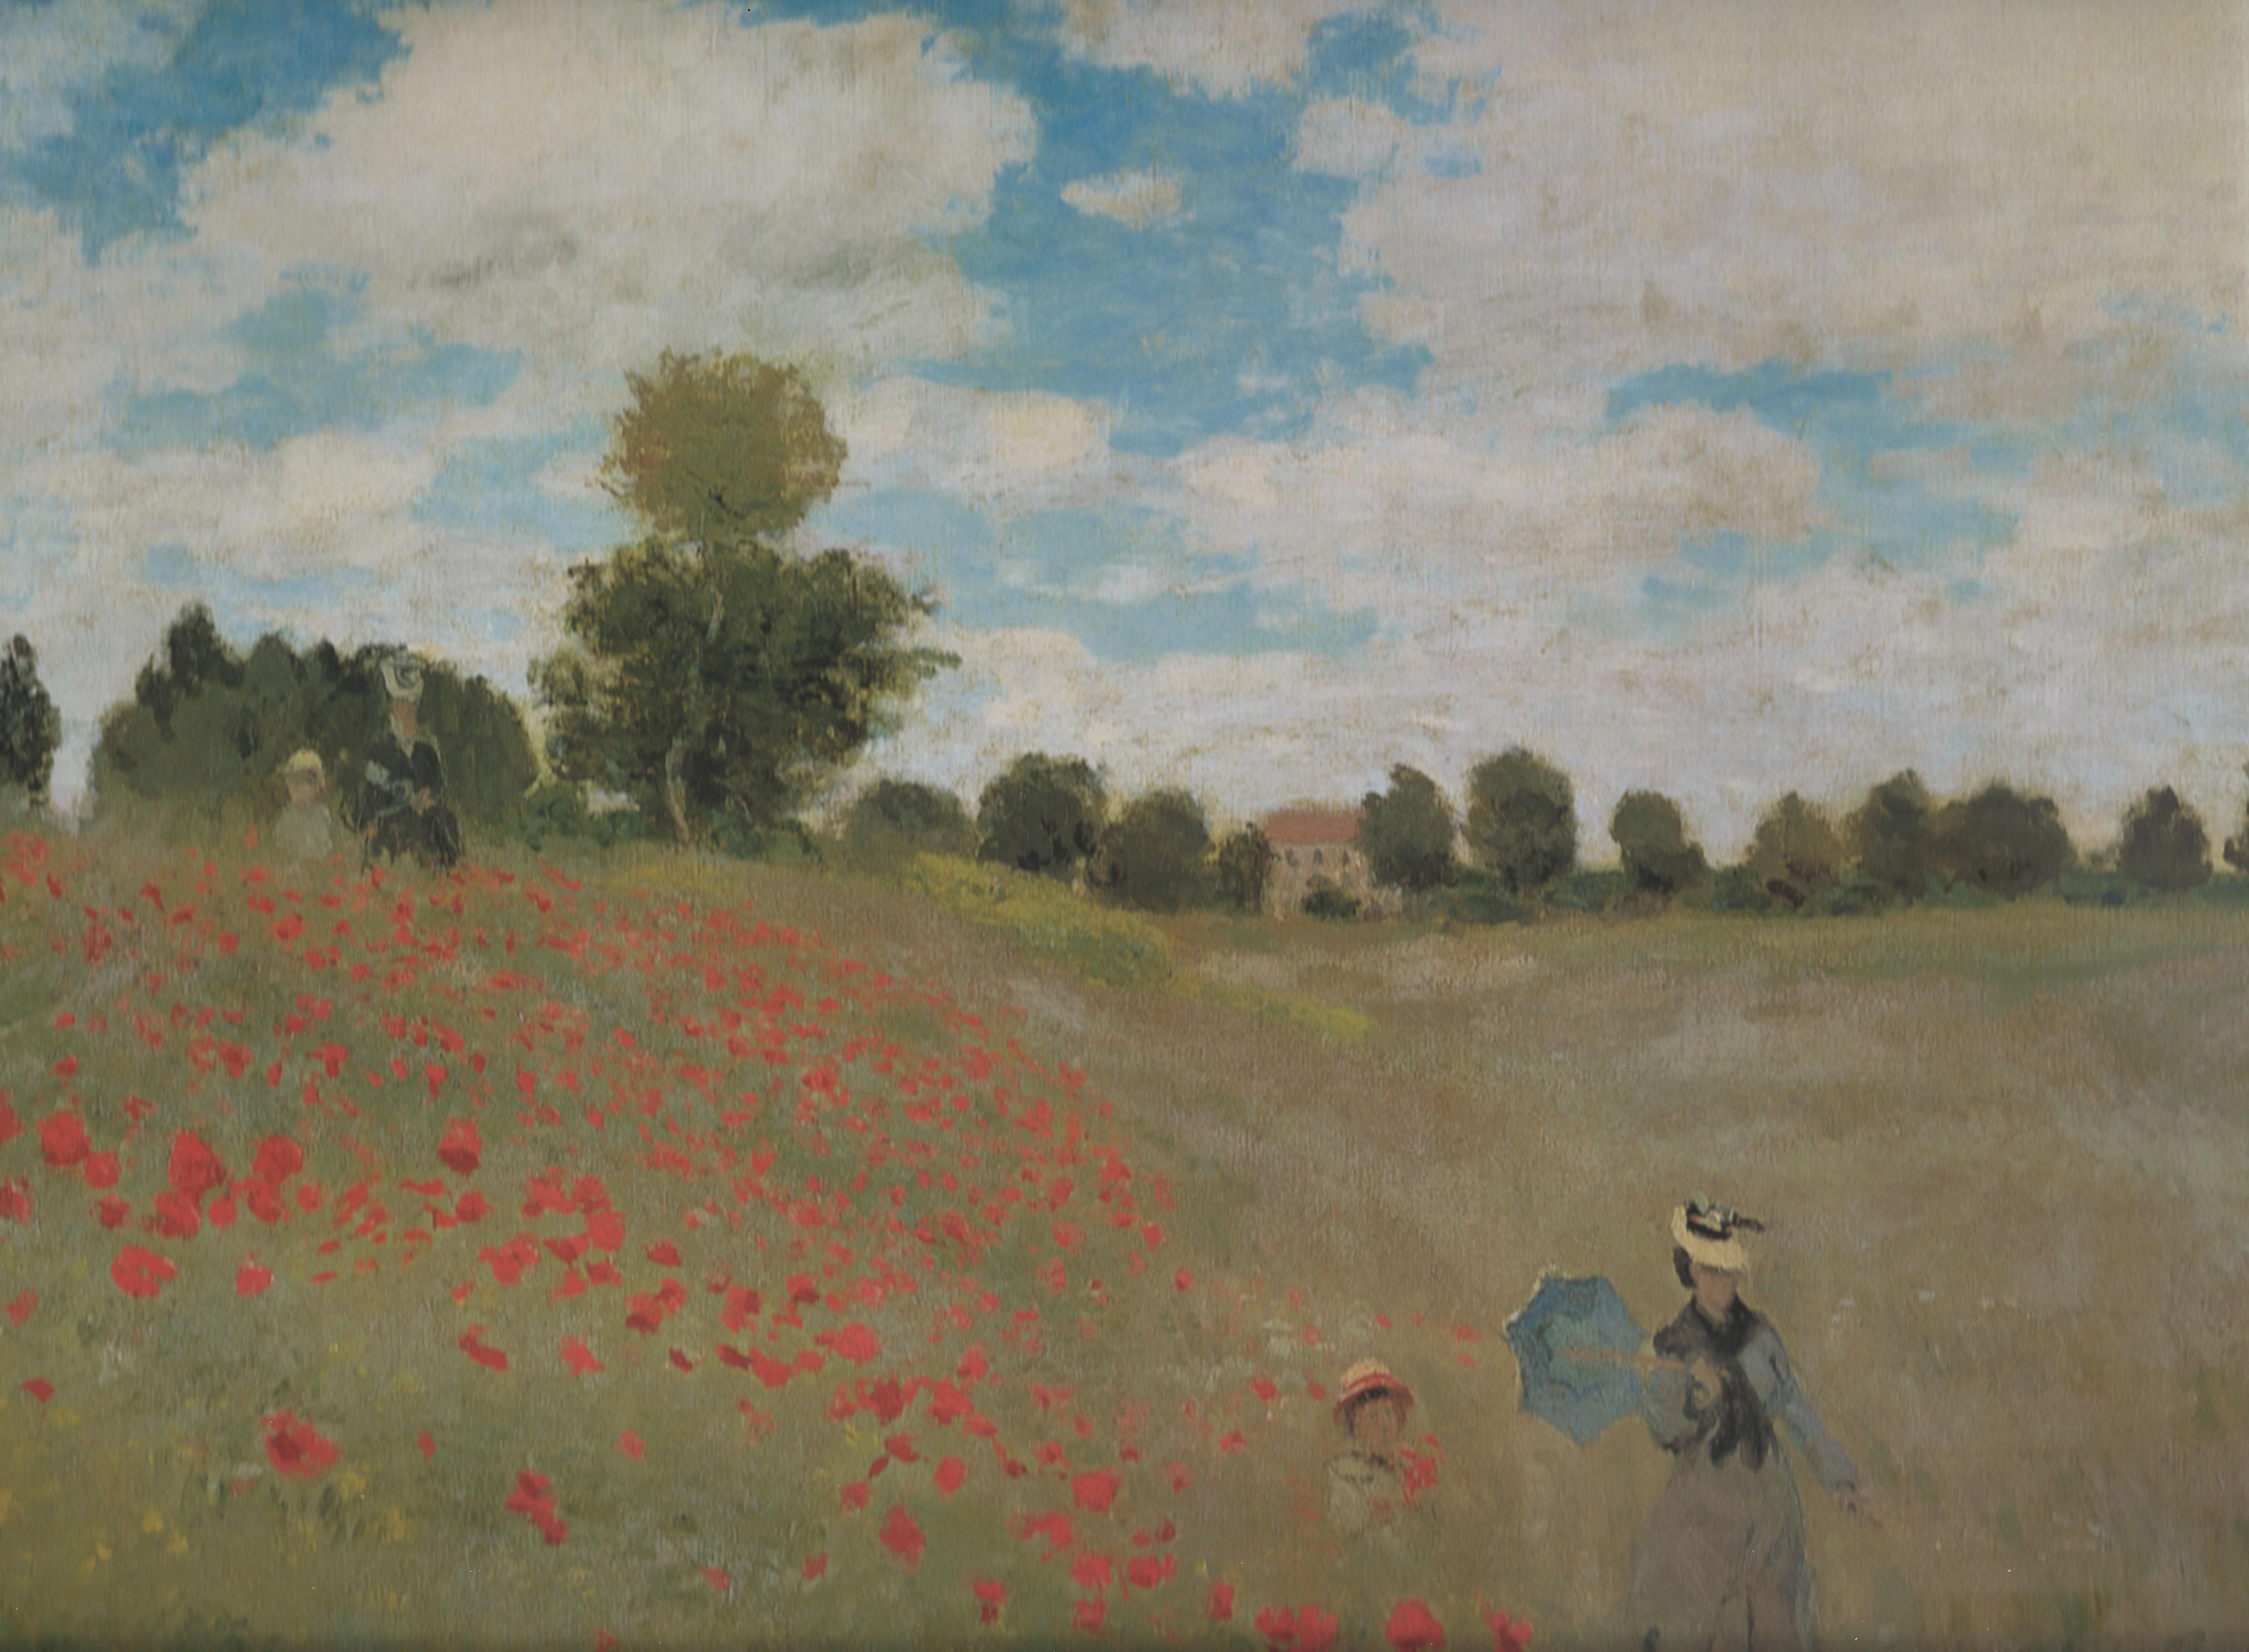 Художник Моне Claude Monet картина Маки в окрестностях Аржантёя Coquelicots пейзажи природы Альберт Сафиуллин